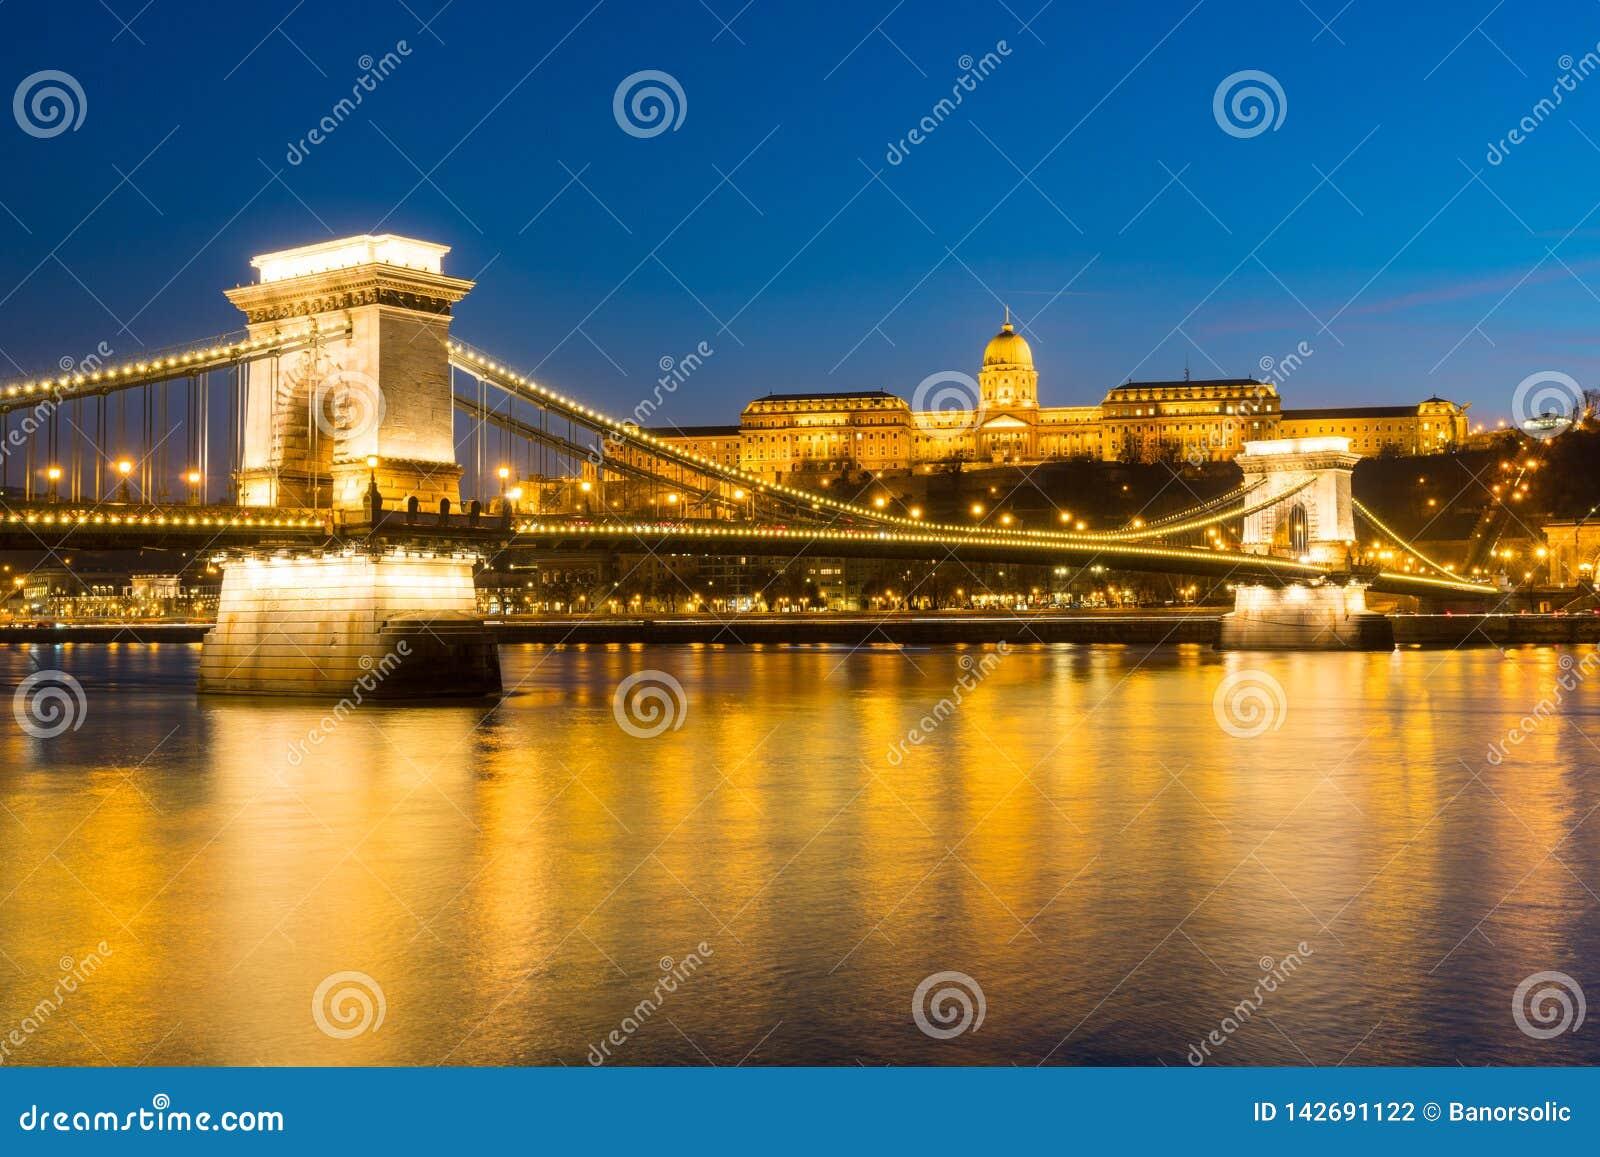 Puente de cadena sobre el río Danubio en la puesta del sol en Budapest, Hungría